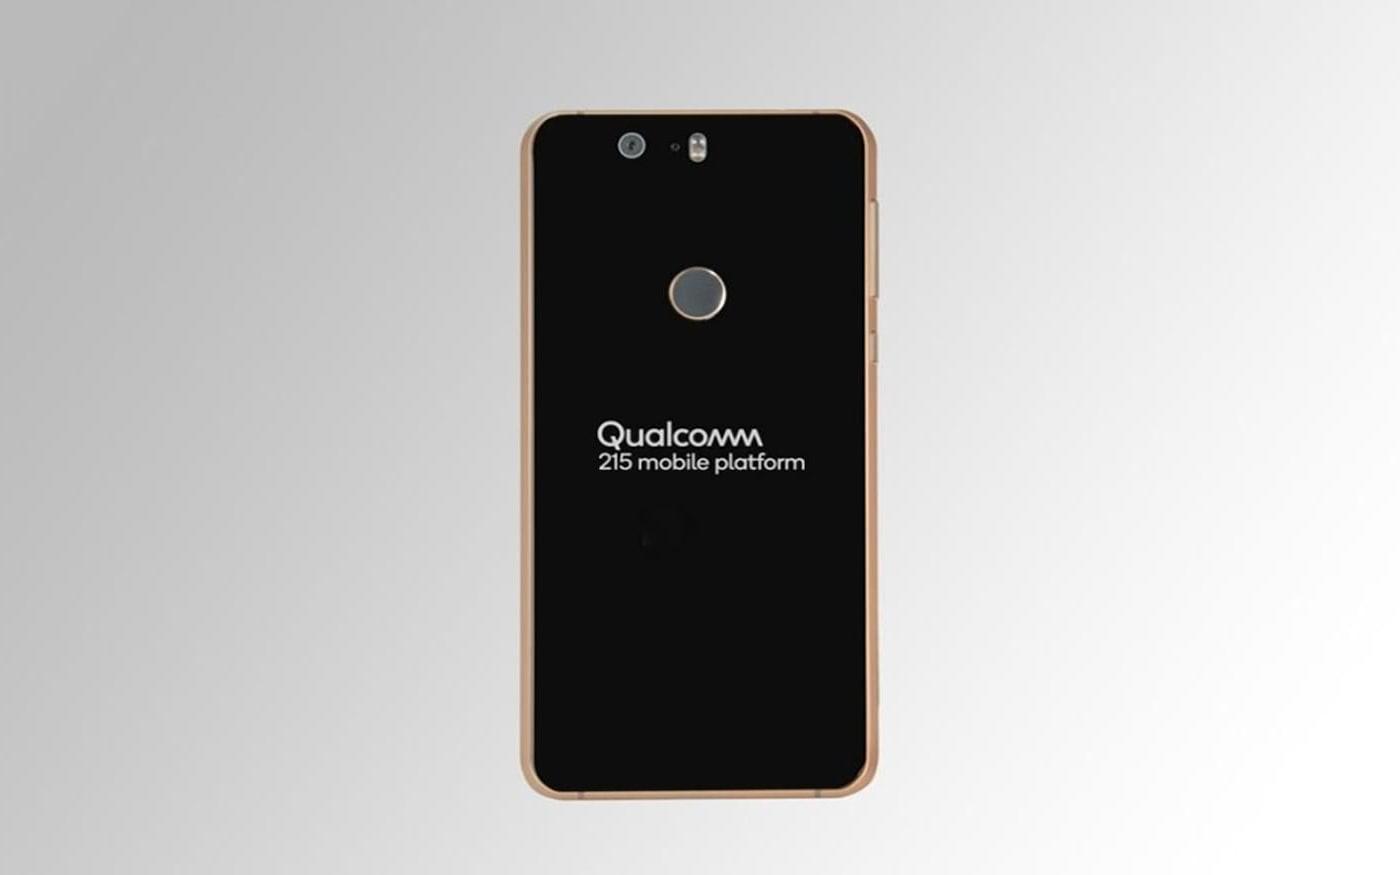 Saiba tudo sobre o novo Qualcomm Snapdragon 215